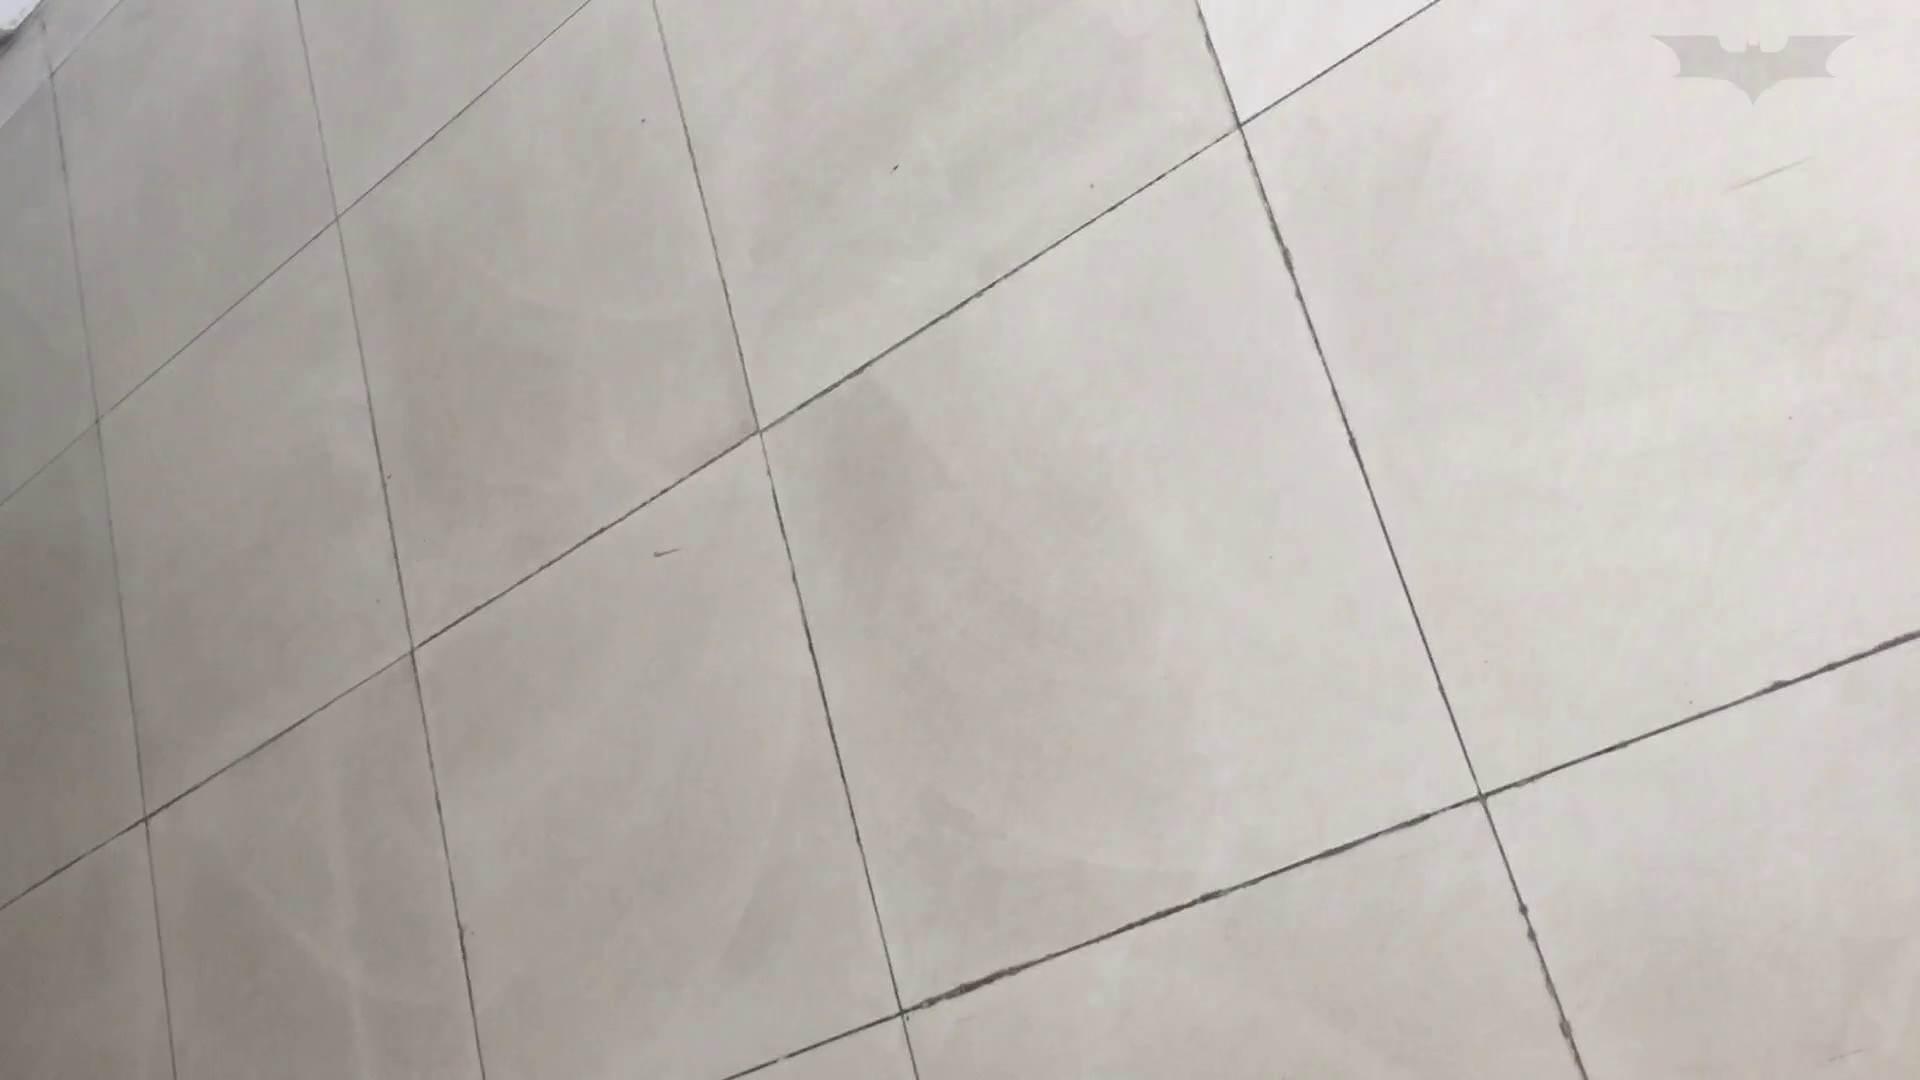 芸術大学ガチ潜入盗撮 JD盗撮 美女の洗面所の秘密 Vol.80 トイレ中 | 洗面所着替え  64連発 4